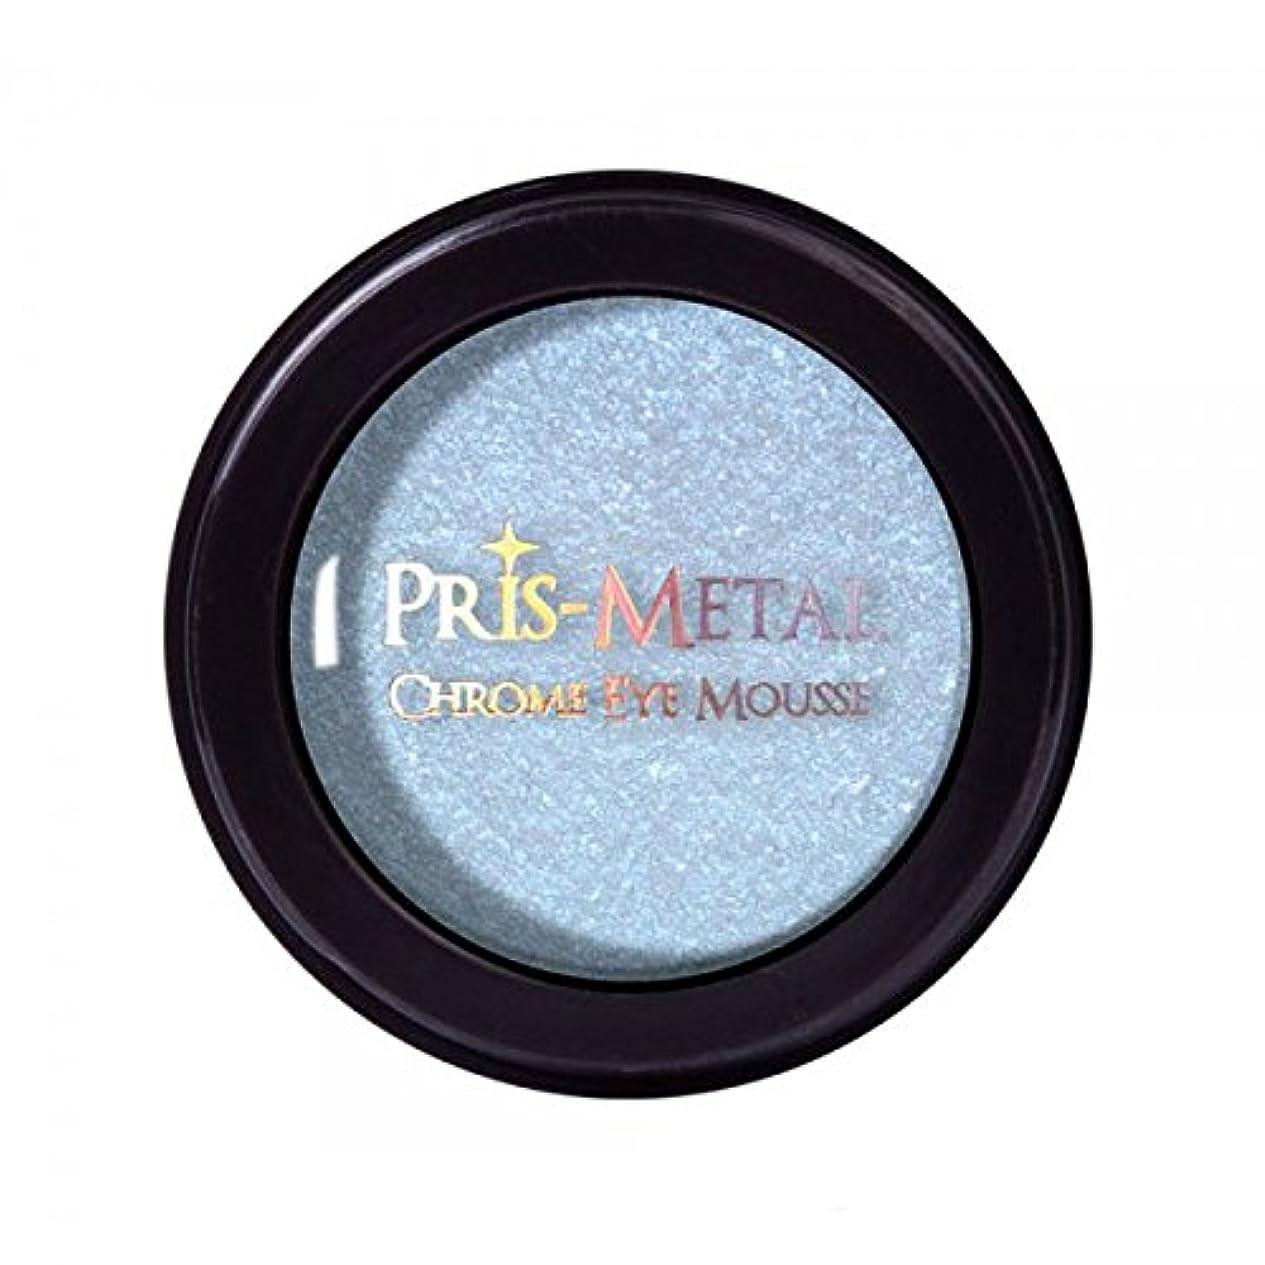 眠り征服者日帰り旅行に(3 Pack) J. CAT BEAUTY Pris-Metal Chrome Eye Mousse - Dreamer (並行輸入品)